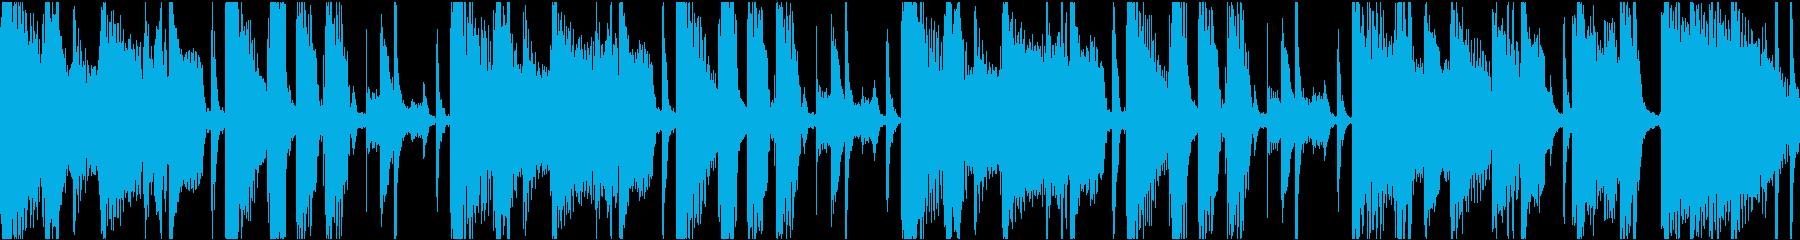 多用途な落ち着いたループBGMの再生済みの波形